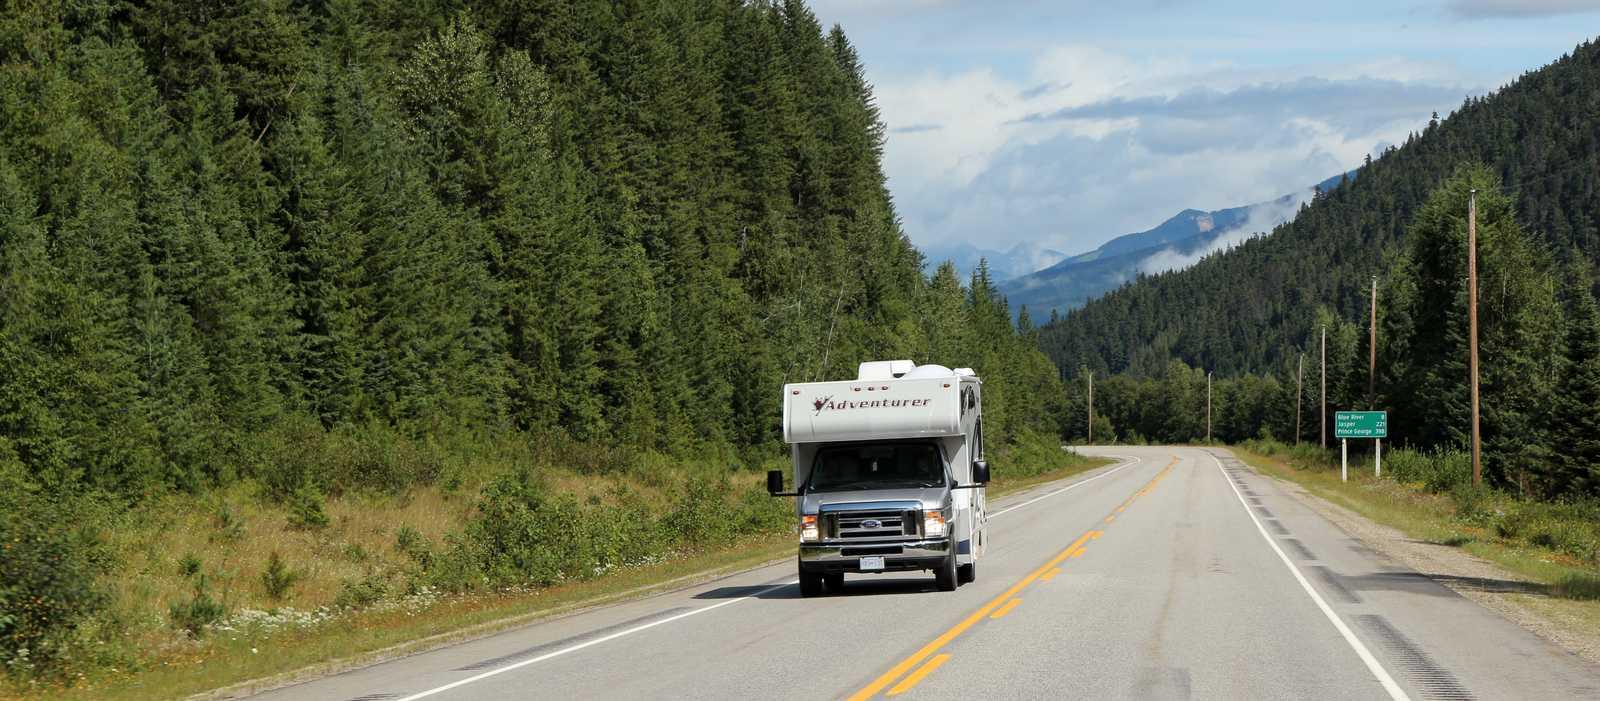 Das C22 Wohnmobil von Fraserway unterwegs auf dem Highway 5 in British Columbia